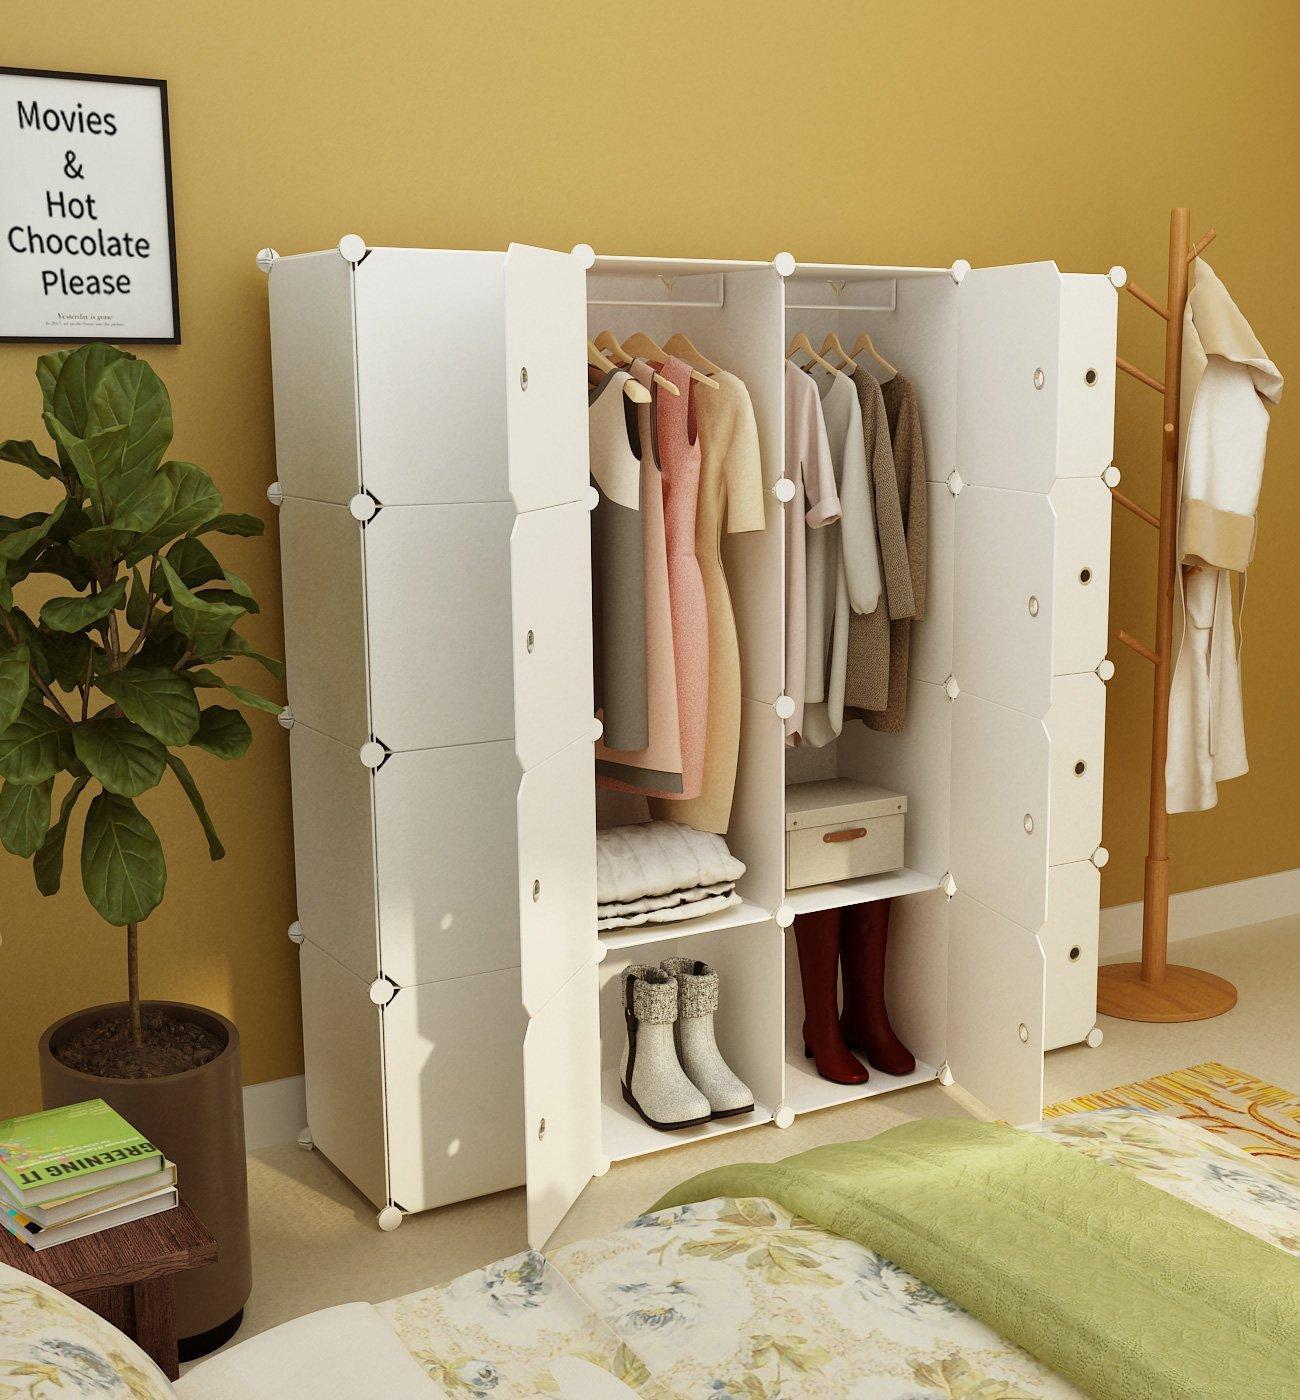 Tragbaren Kleiderschrank Kleiderschrank Schlafzimmer Schrank Kommode Würfel  Speicherorganisator, kapazitiv anpassbar, weiß, 10 Würfel 2 hängende ...